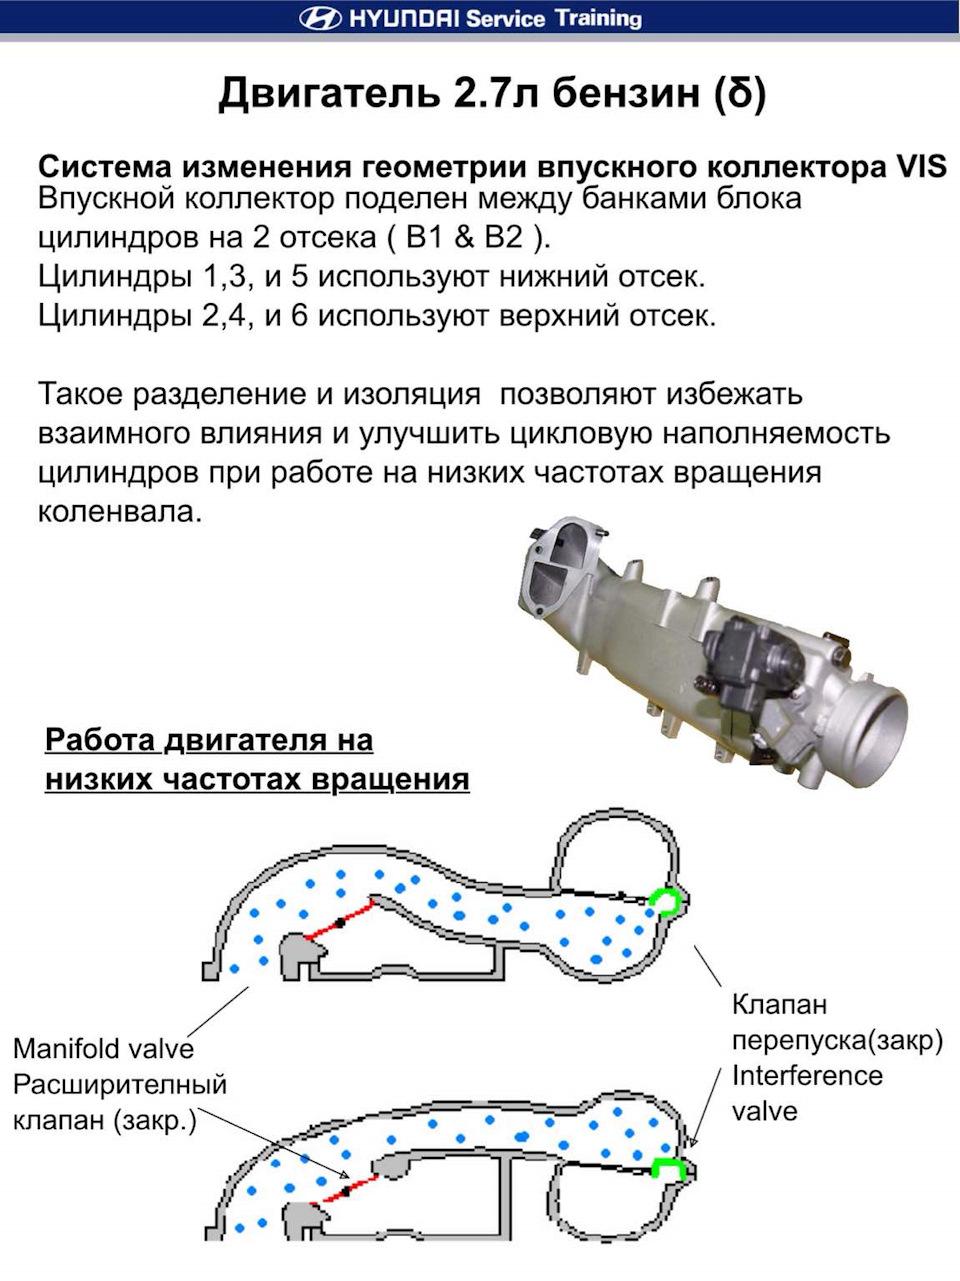 Схема впускного коллектора с изменений геометрией